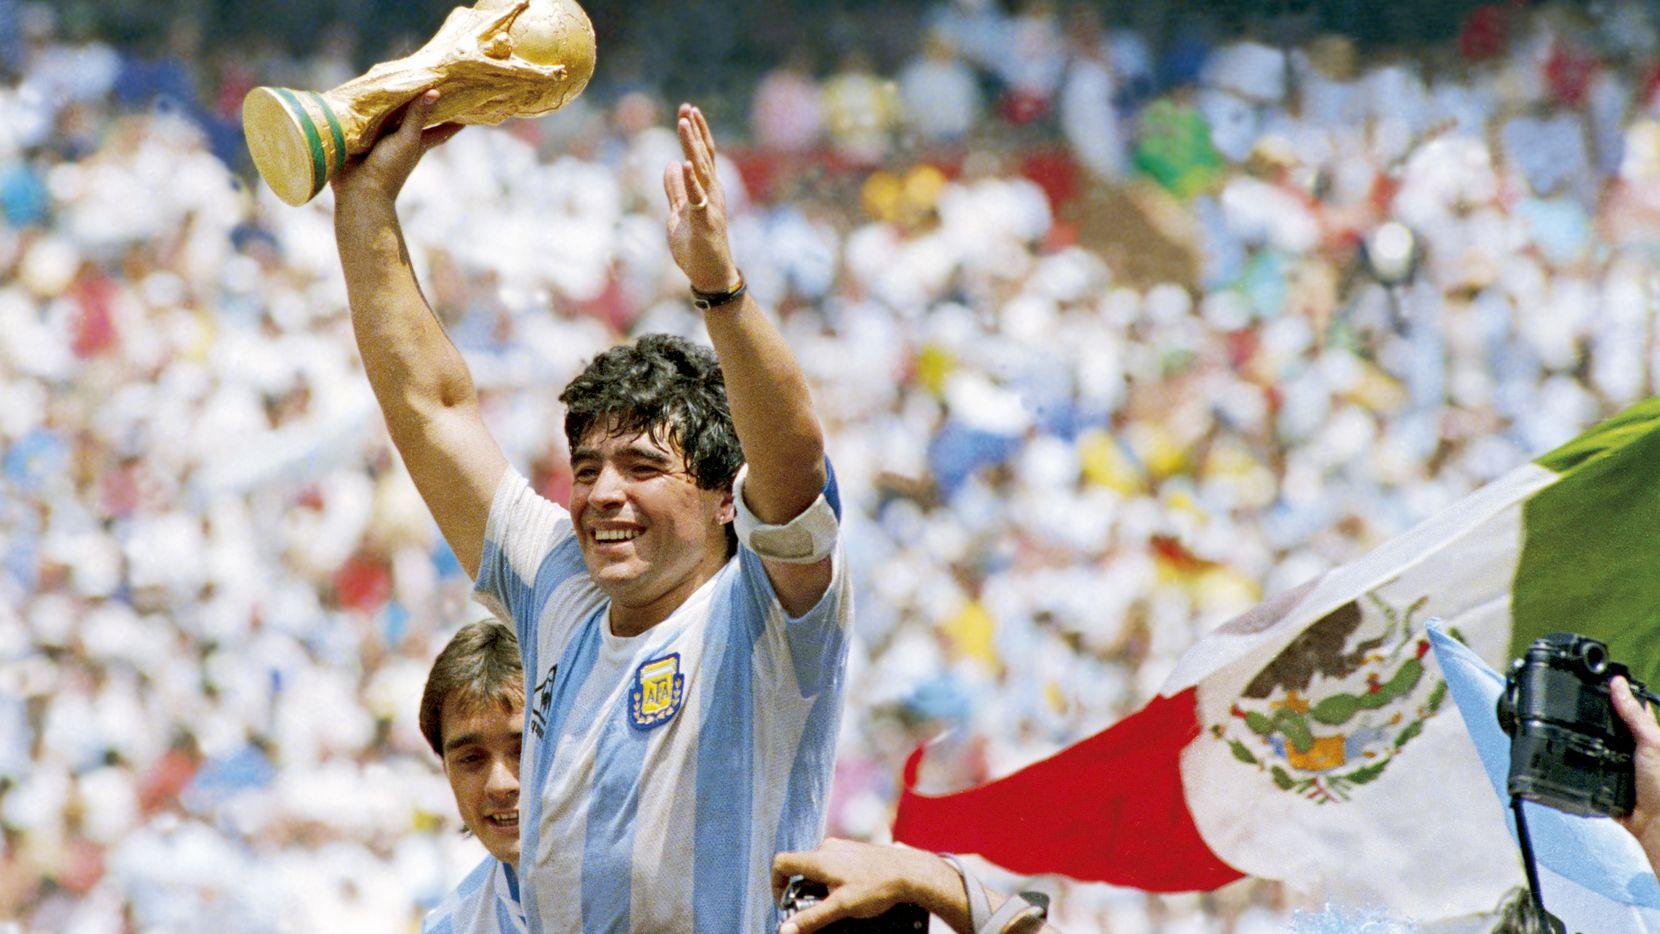 Diego Maradona levanta la Copa del Mundo después de que la selección de Argentina venciera 3-2 en la final a Alemania en la cancha del Estadio Azteca de la Ciudad de México, el 29 de junio de 1986.